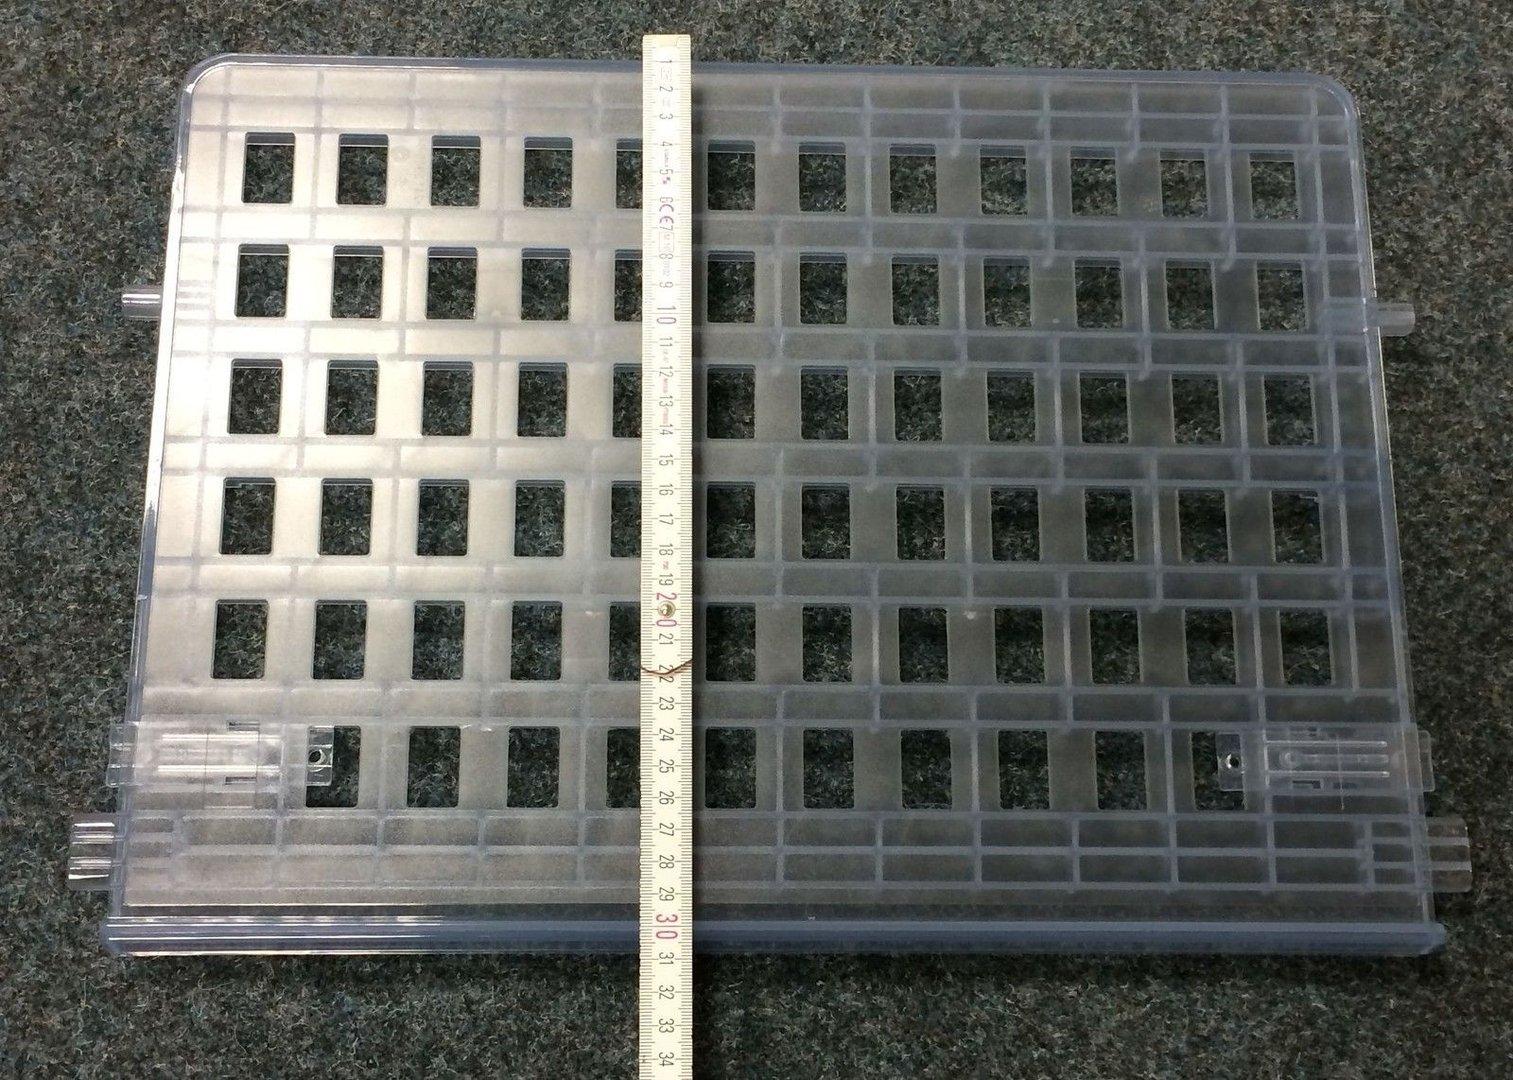 Kühlschrank Einlegeboden : Gitter unten dometic kühlschrank für rmd rmdt